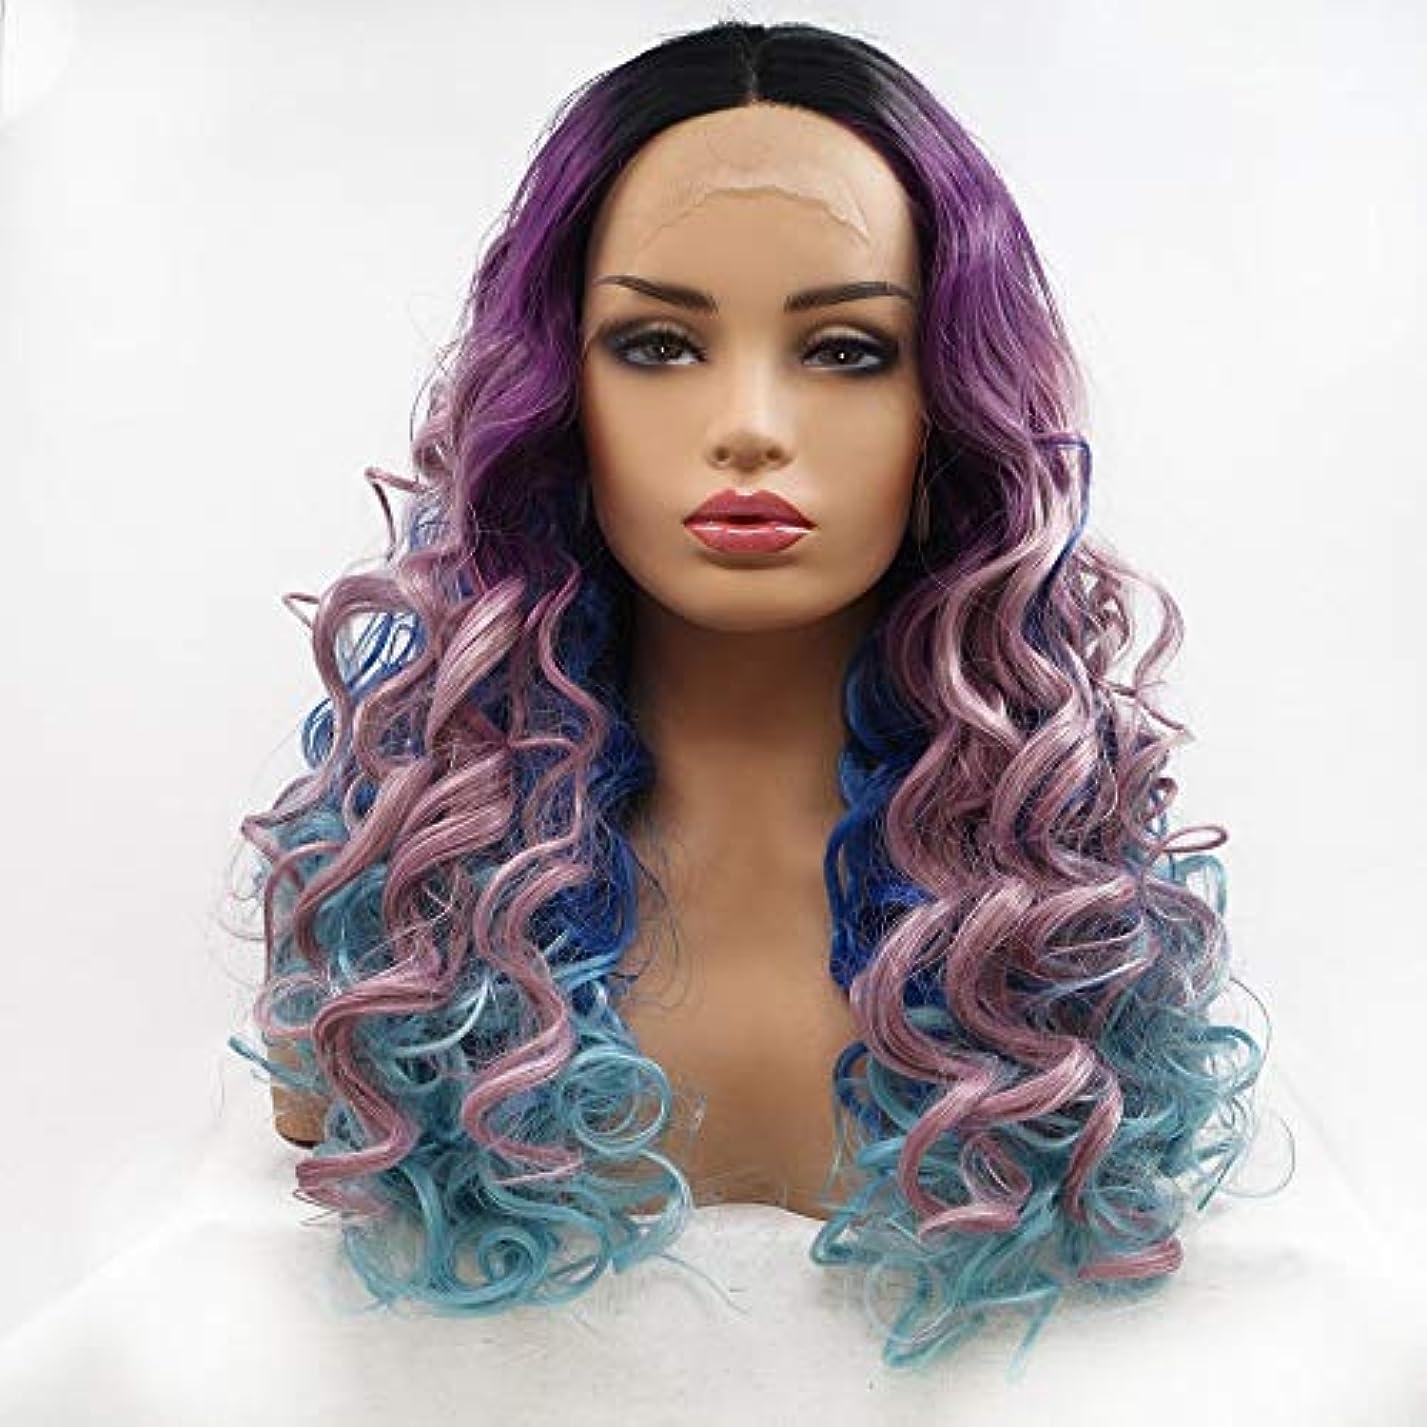 ペッカディロピグマリオン適応的HAILAN HOME-かつら ウィッグ髪に紫、濃い青 - 青 - 勾配Farseeing髪カーリーヘアウィッグレディース手作りのレースのヨーロッパとアメリカのウィッグセットが生物リアルな換気を設定します。